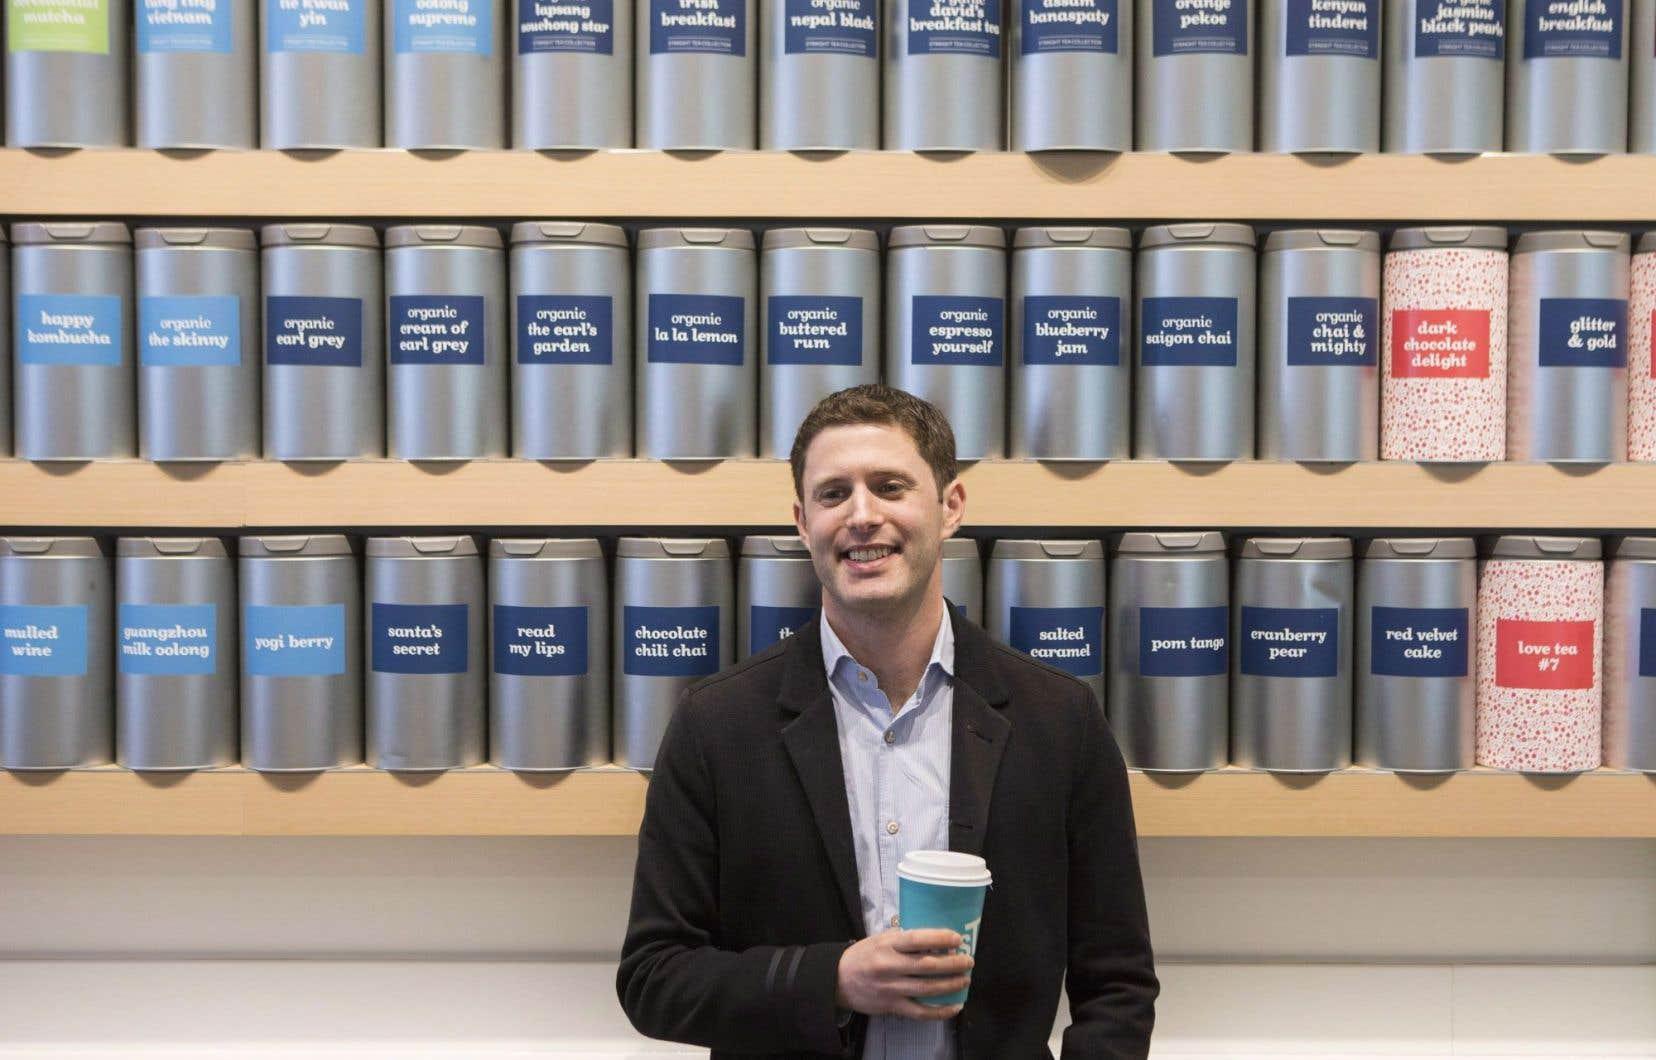 Le cofondateur du marchand de thés, David Segal, a quitté l'entreprise en mars 2016.